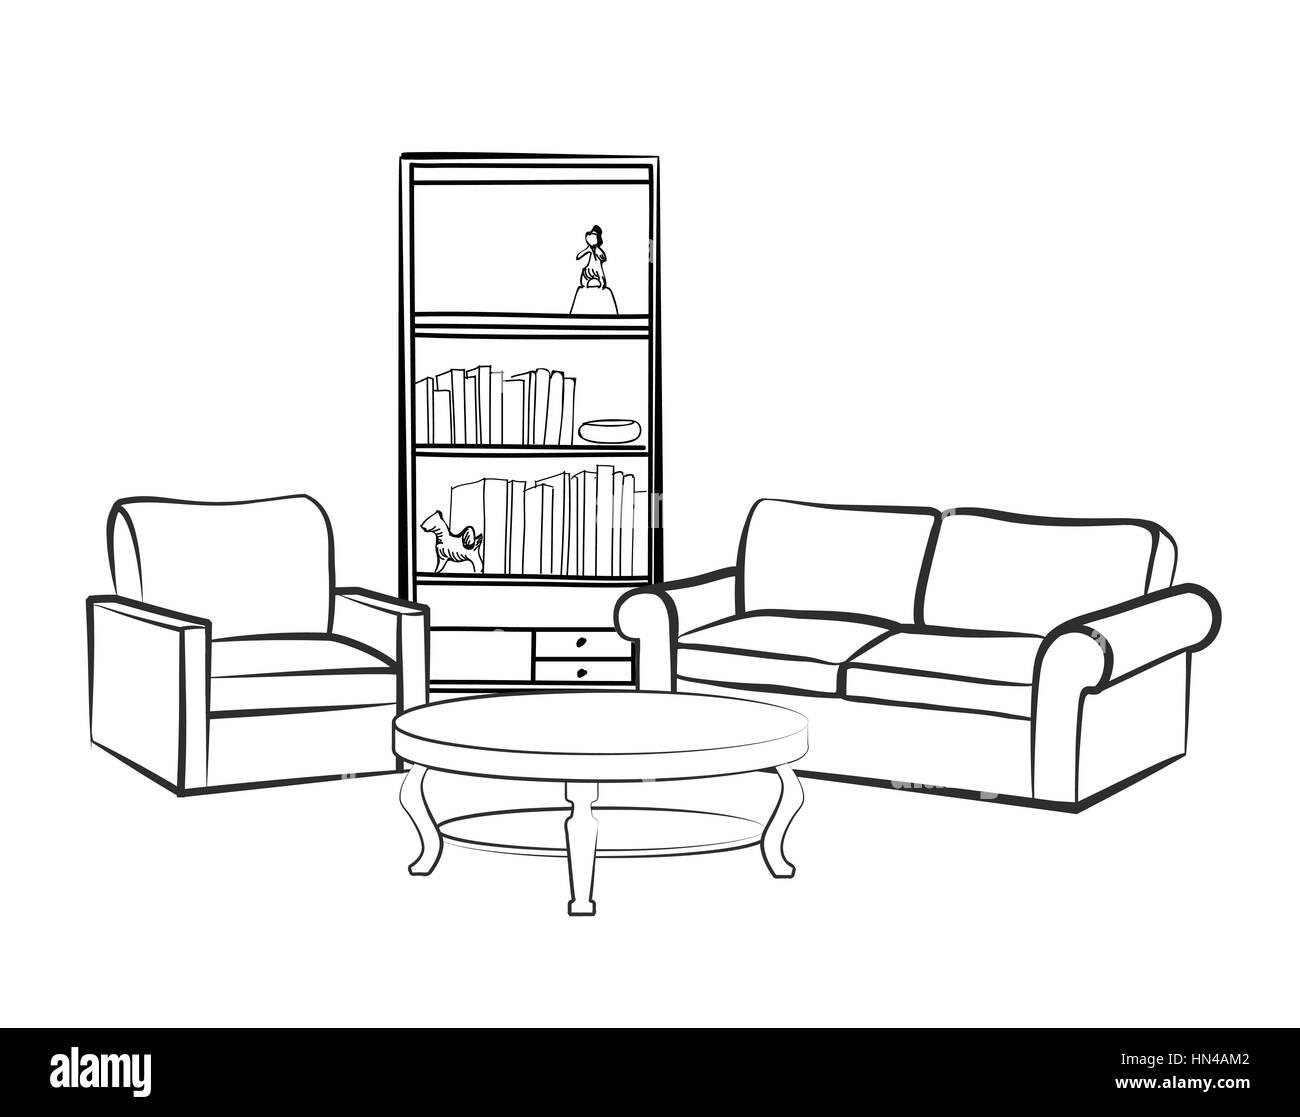 Home mobili per interni con divano poltrona tavolo for Disegnare interni